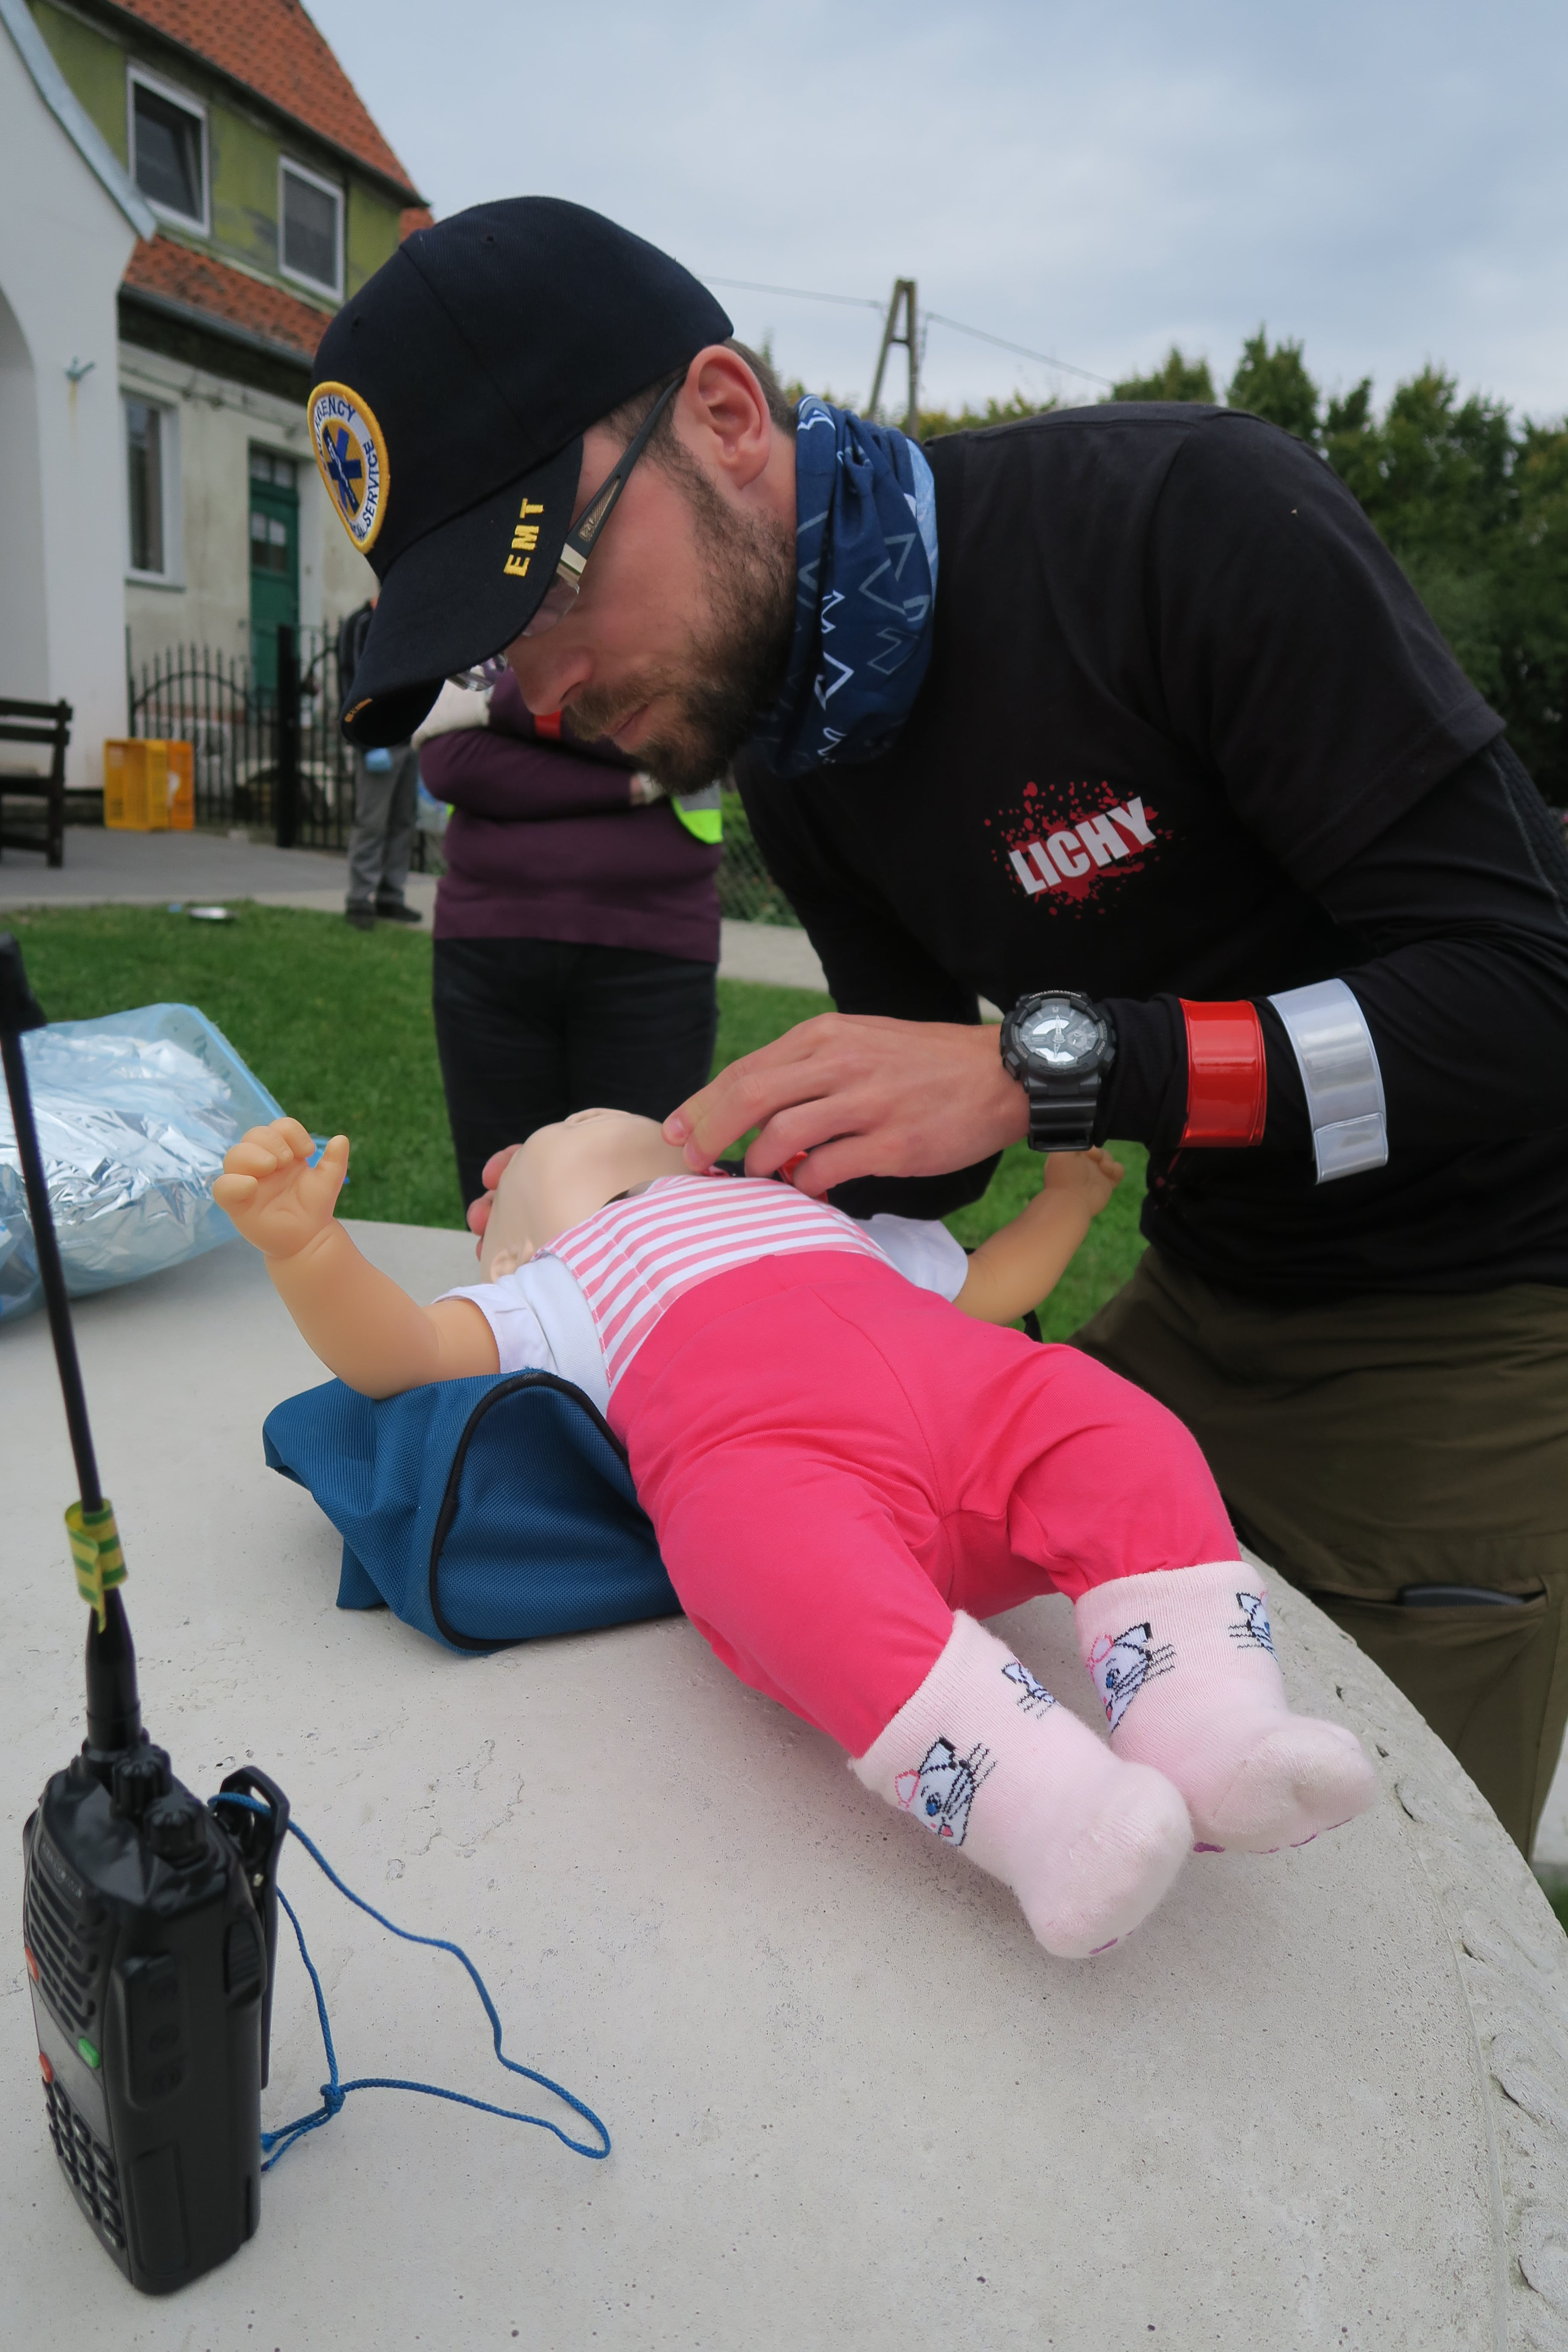 25.pierwsza pomoc małe dziecko, BLS dziecka, elektroniczna niania